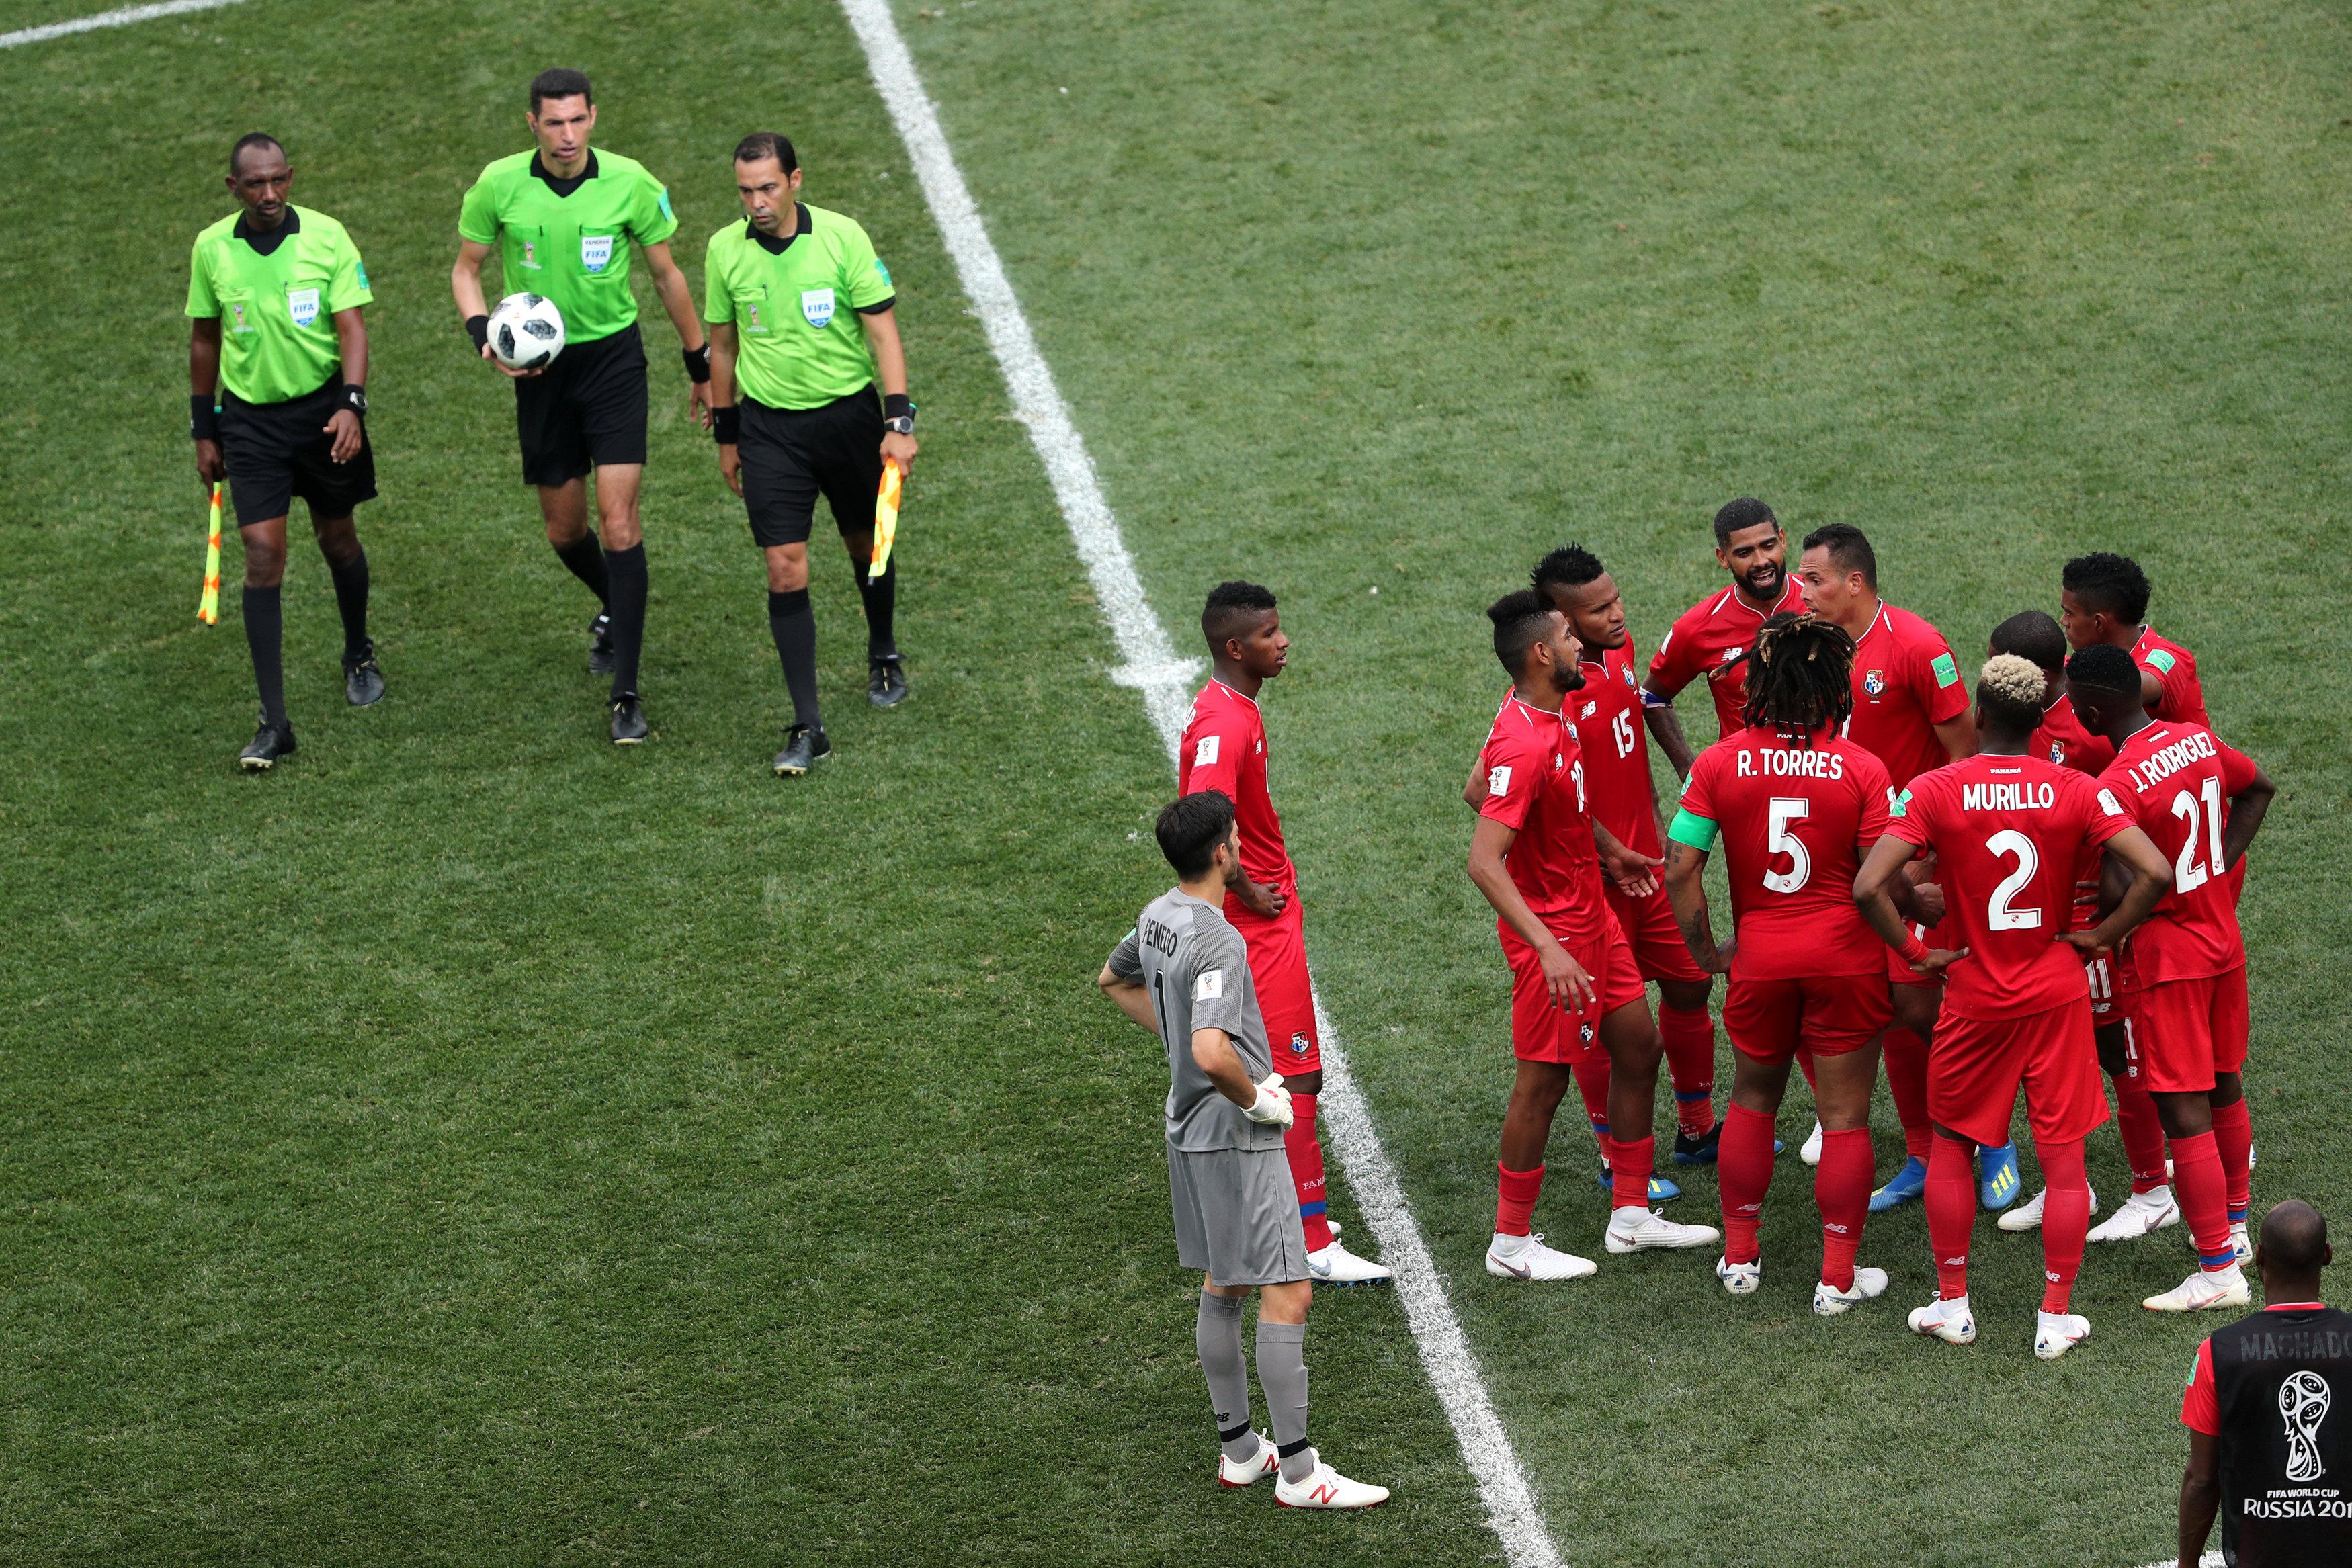 الحكم الدولى جهاد جريشة فى كأس العالم بروسيا